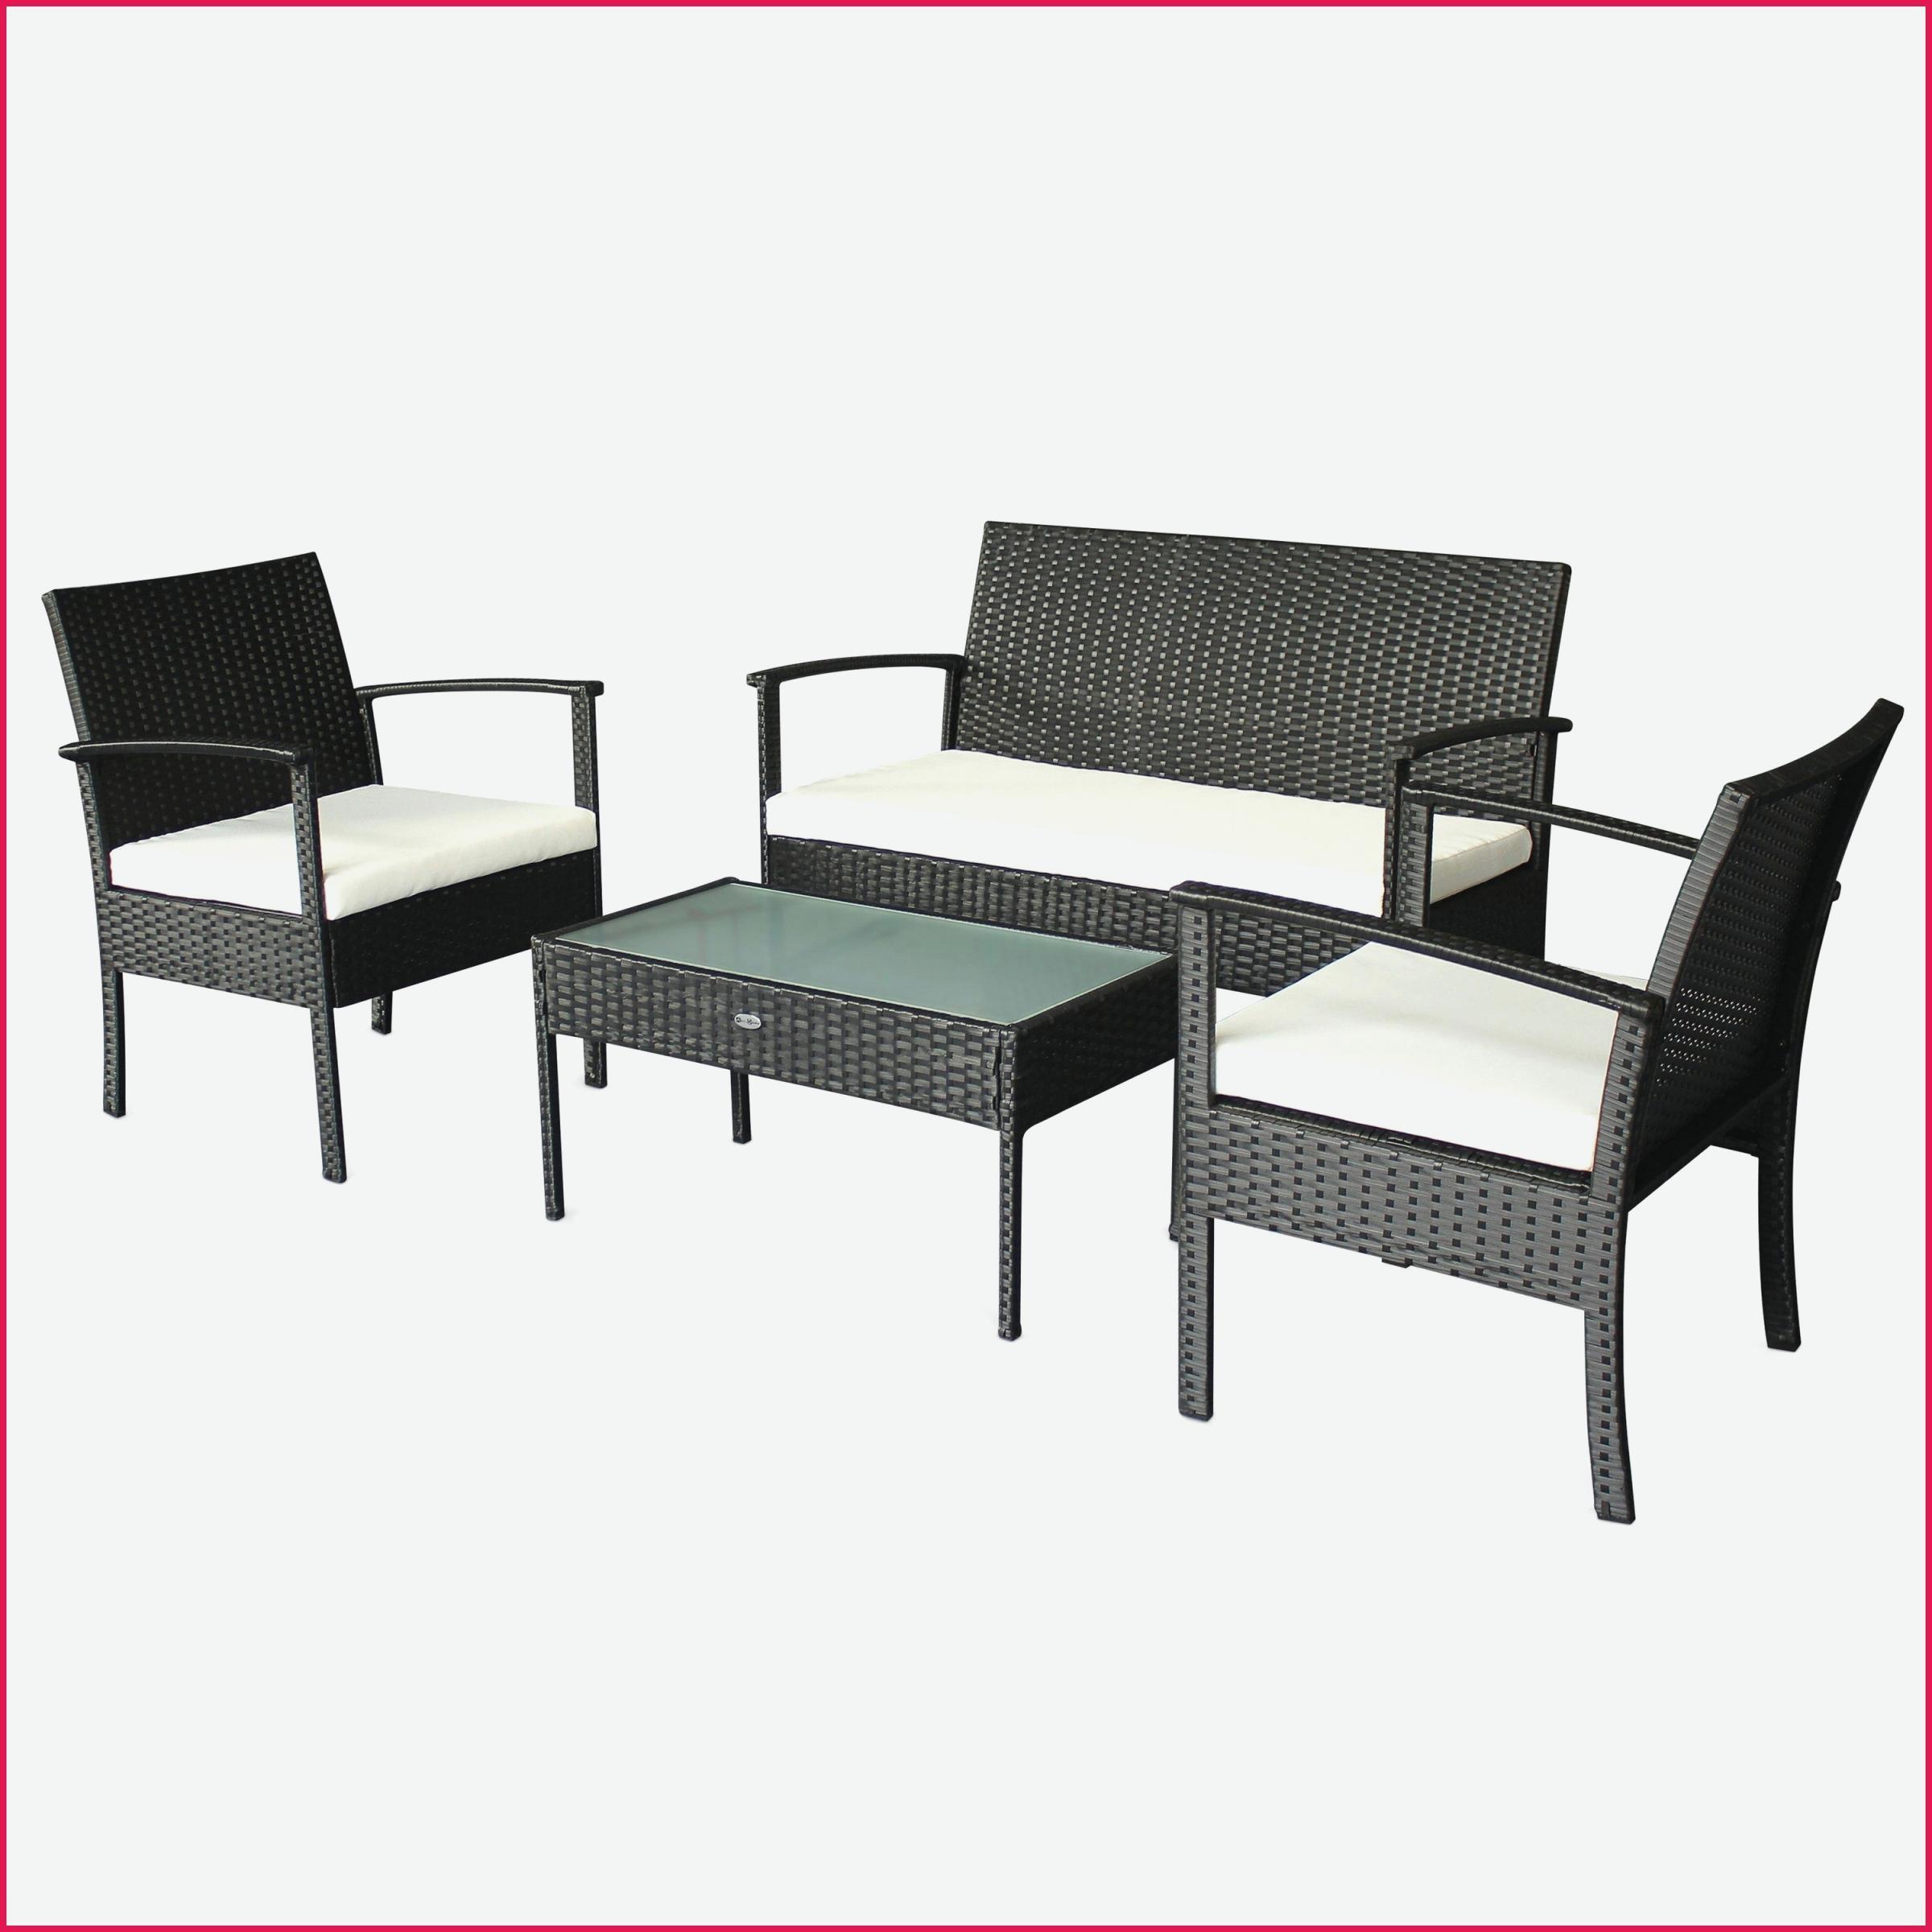 Table De Jardin Plastique Leclerc Frais Stock Best Salon De Jardin Bas Leclerc